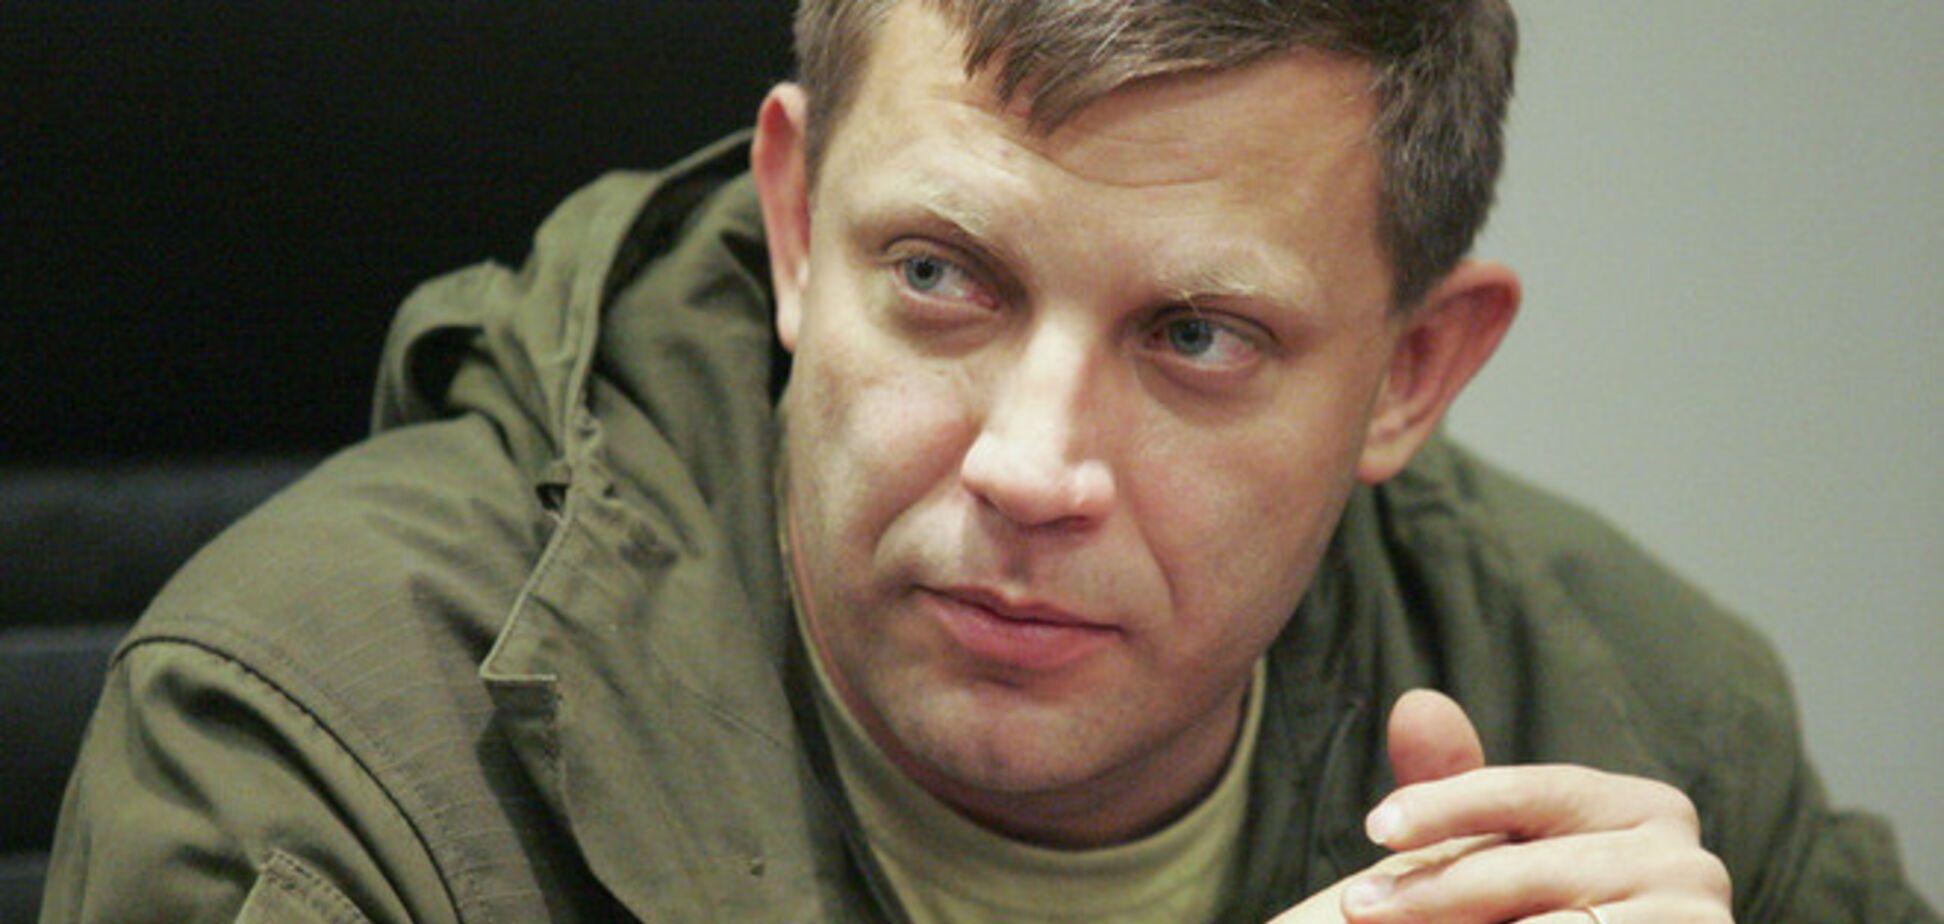 Террористы 'ДНР' намерены после 'выборов' писать конституцию